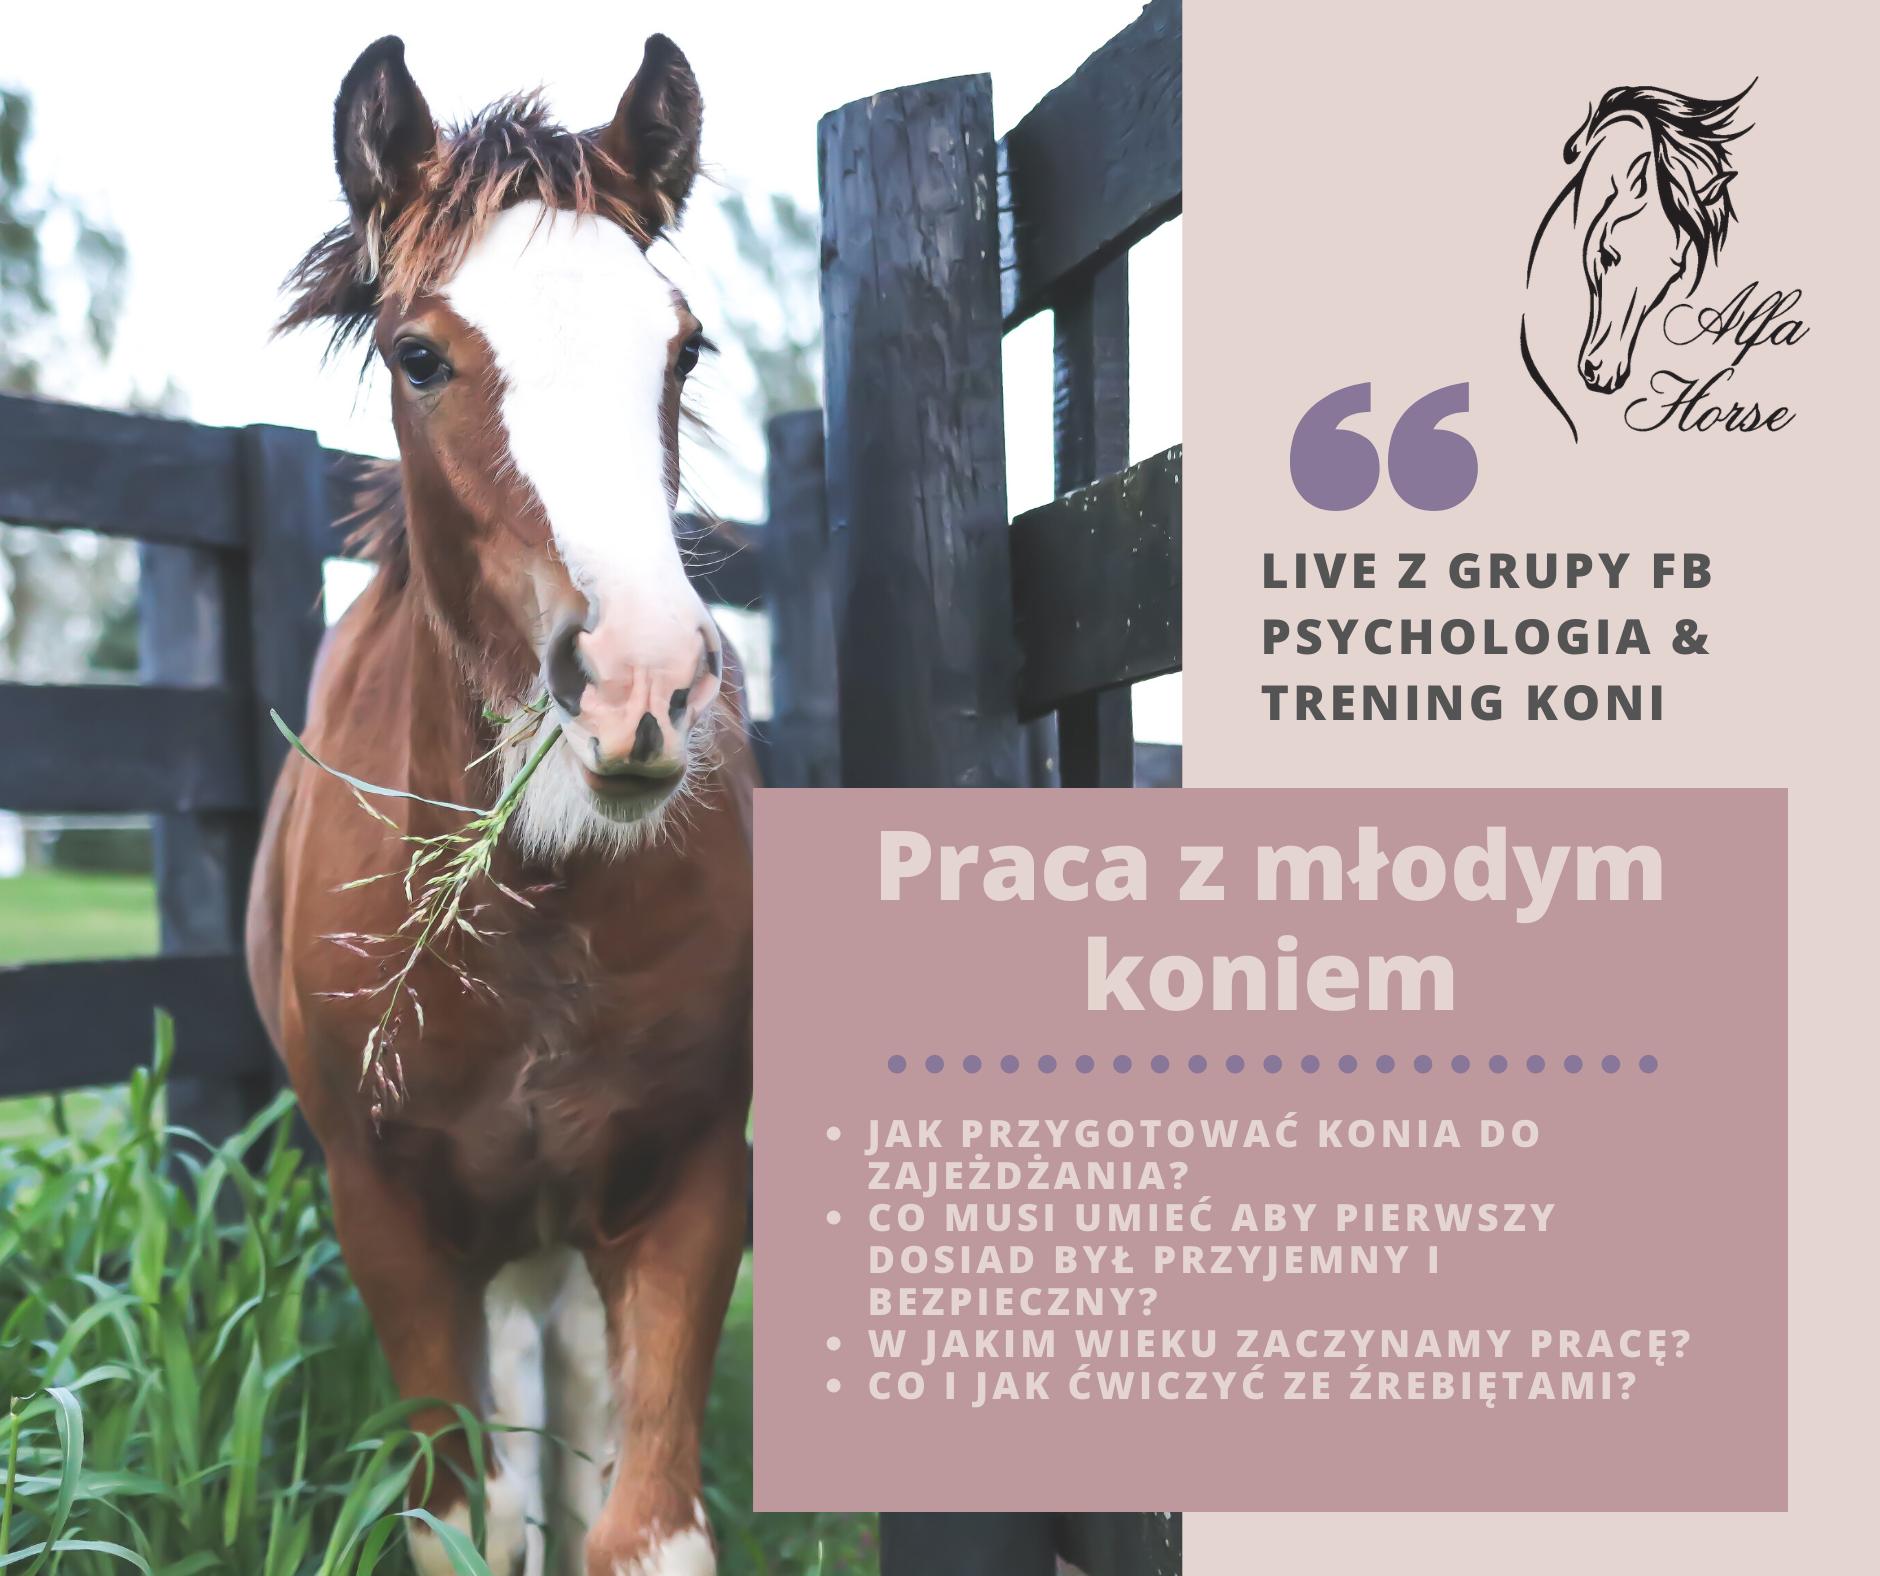 trening_koni_praca_mlody_kon